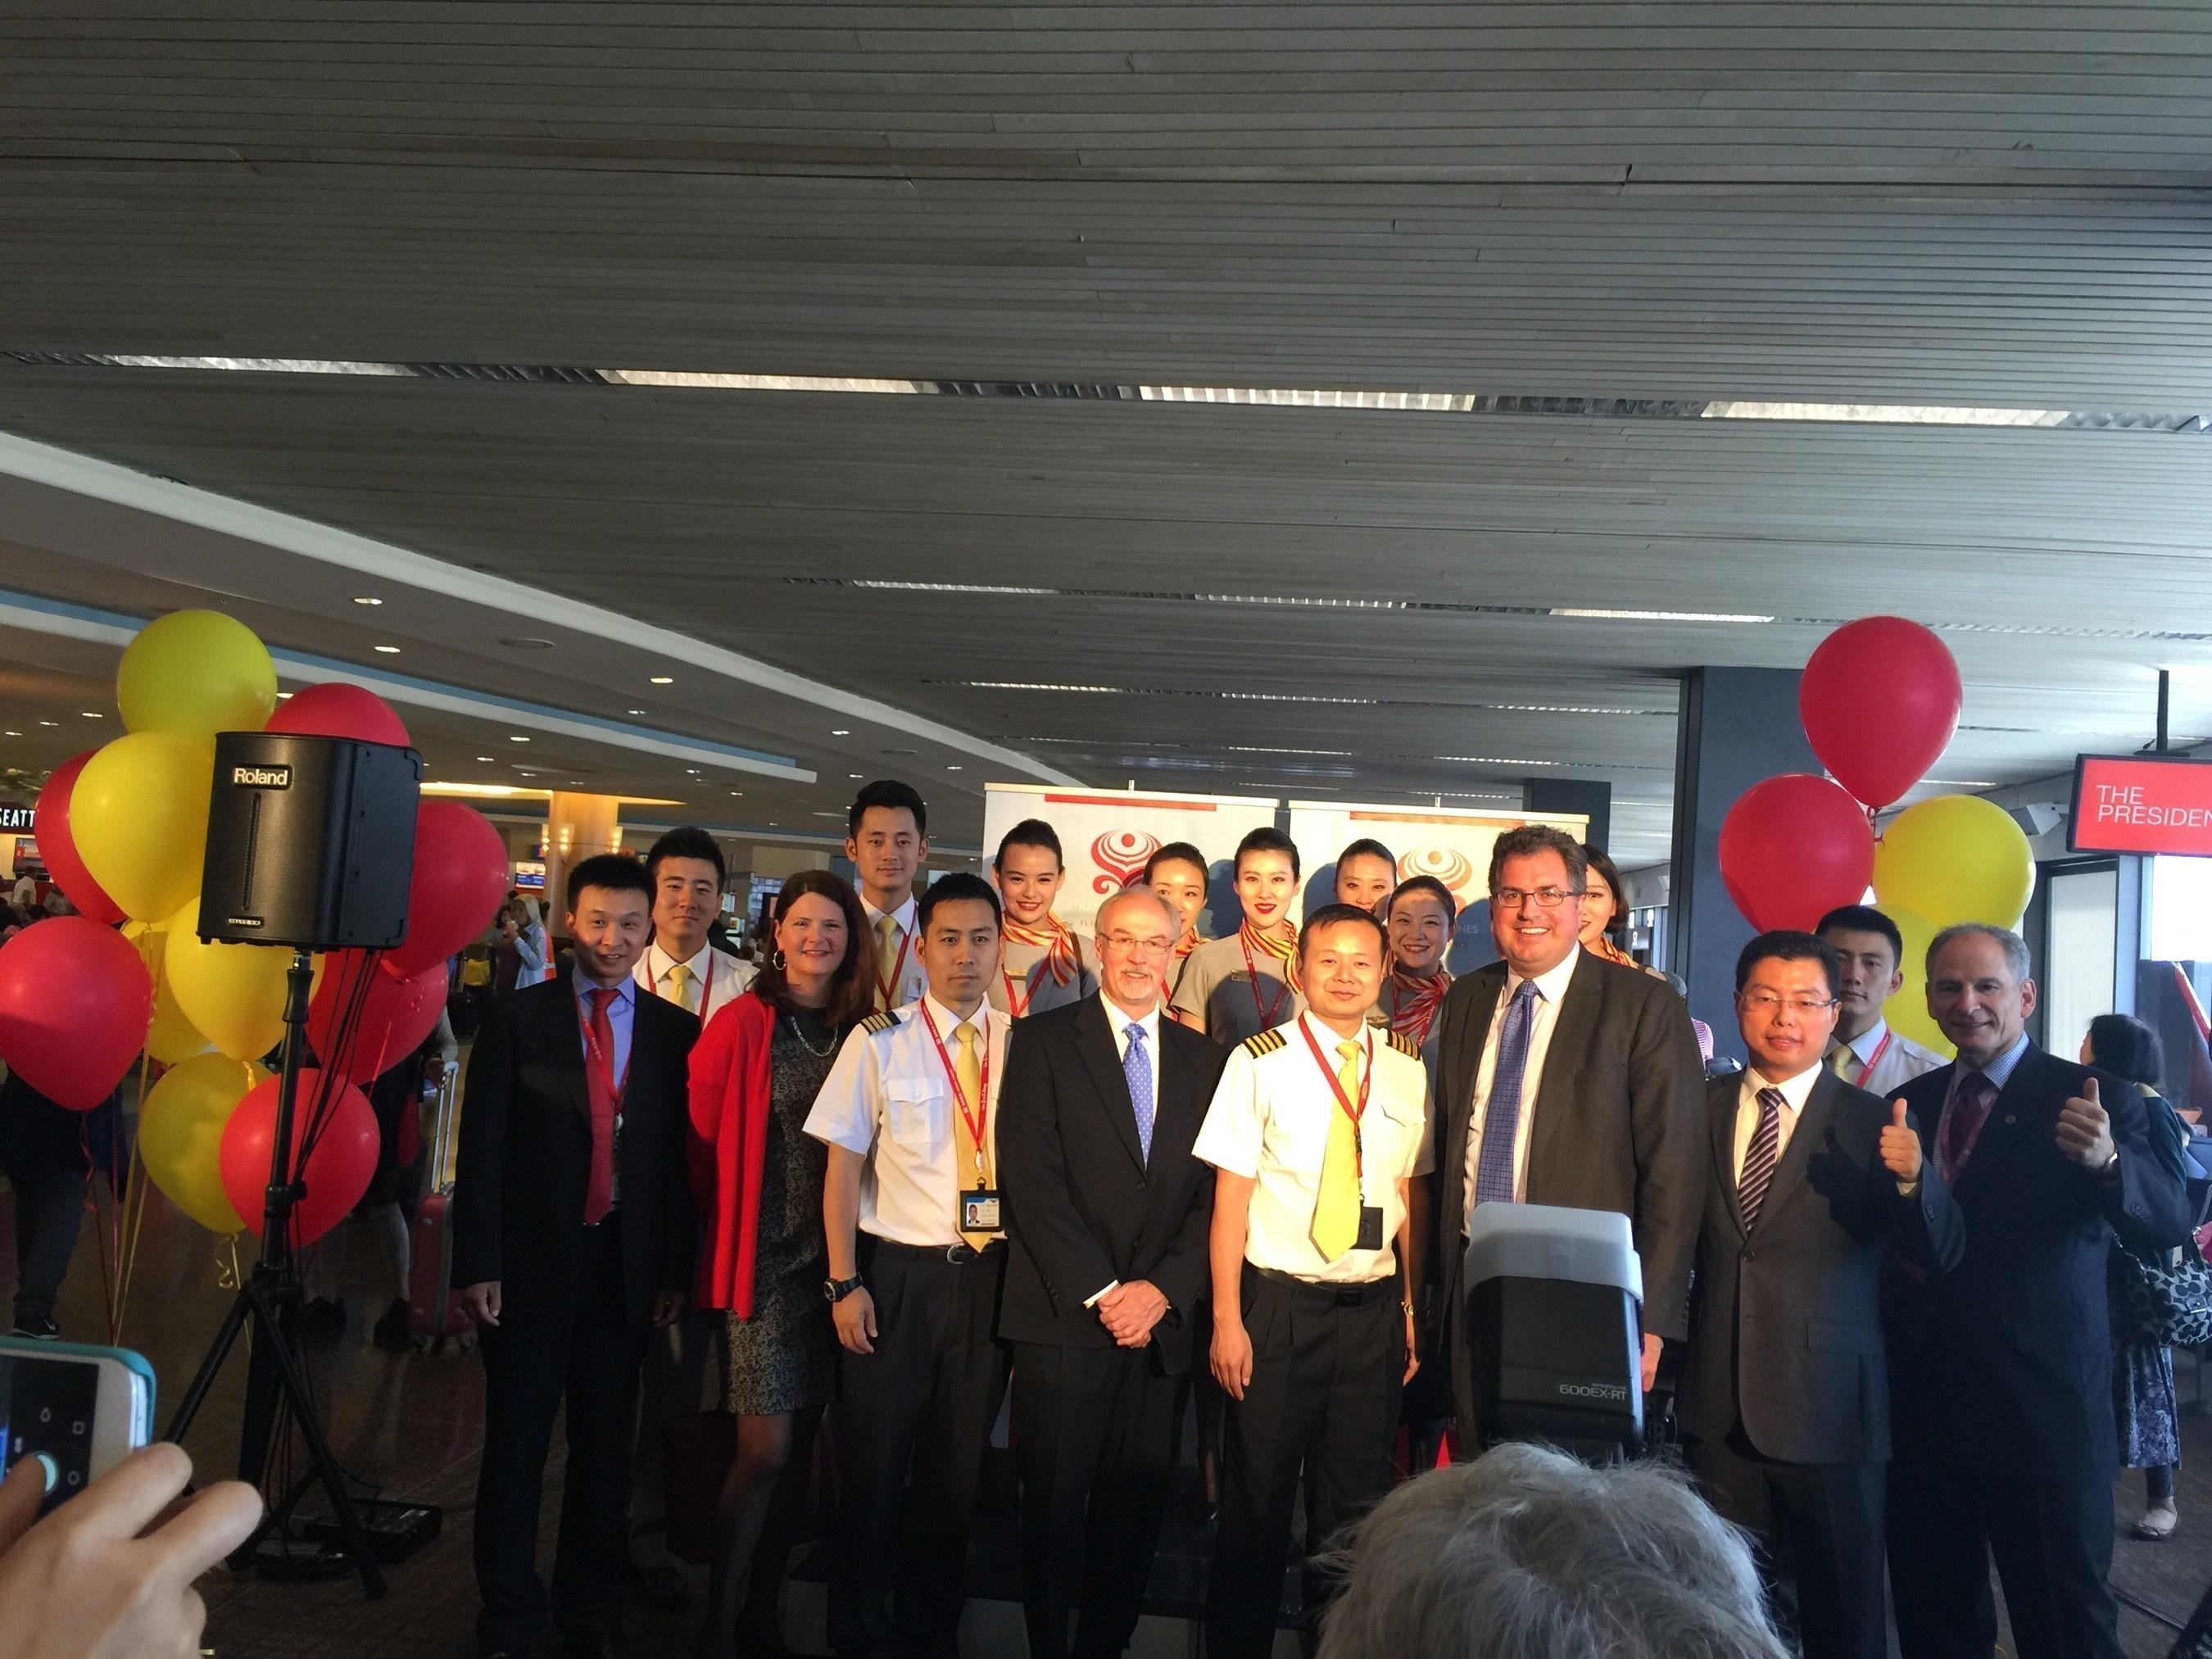 Hainan Airlines eröffnet Verbindung für Hin- und Rückflüge zwischen Shanghai und Seattle